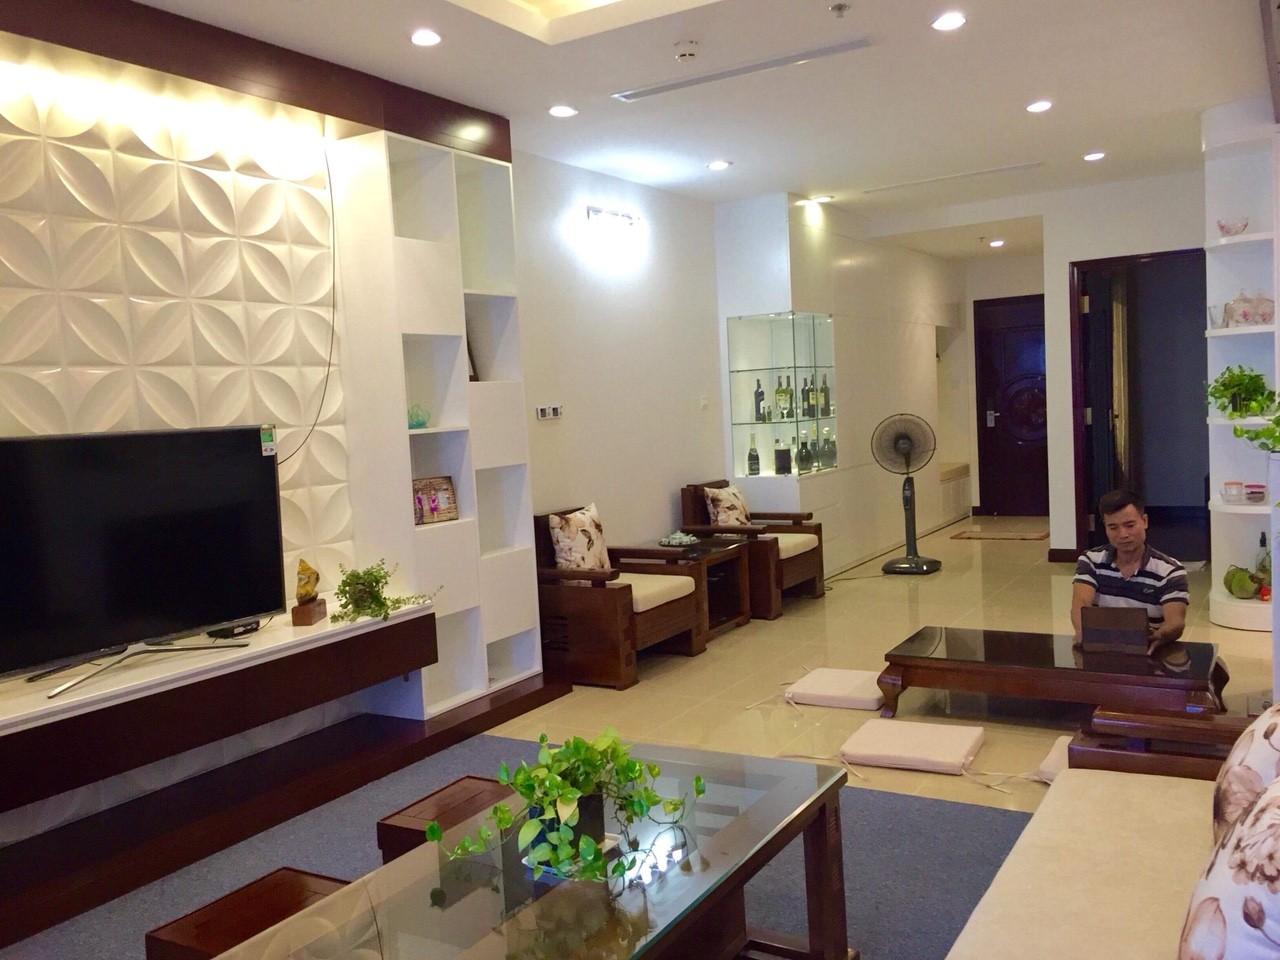 Bán căn hộ 2 phòng ngủ Royal City Giá rẻ R5 93m2